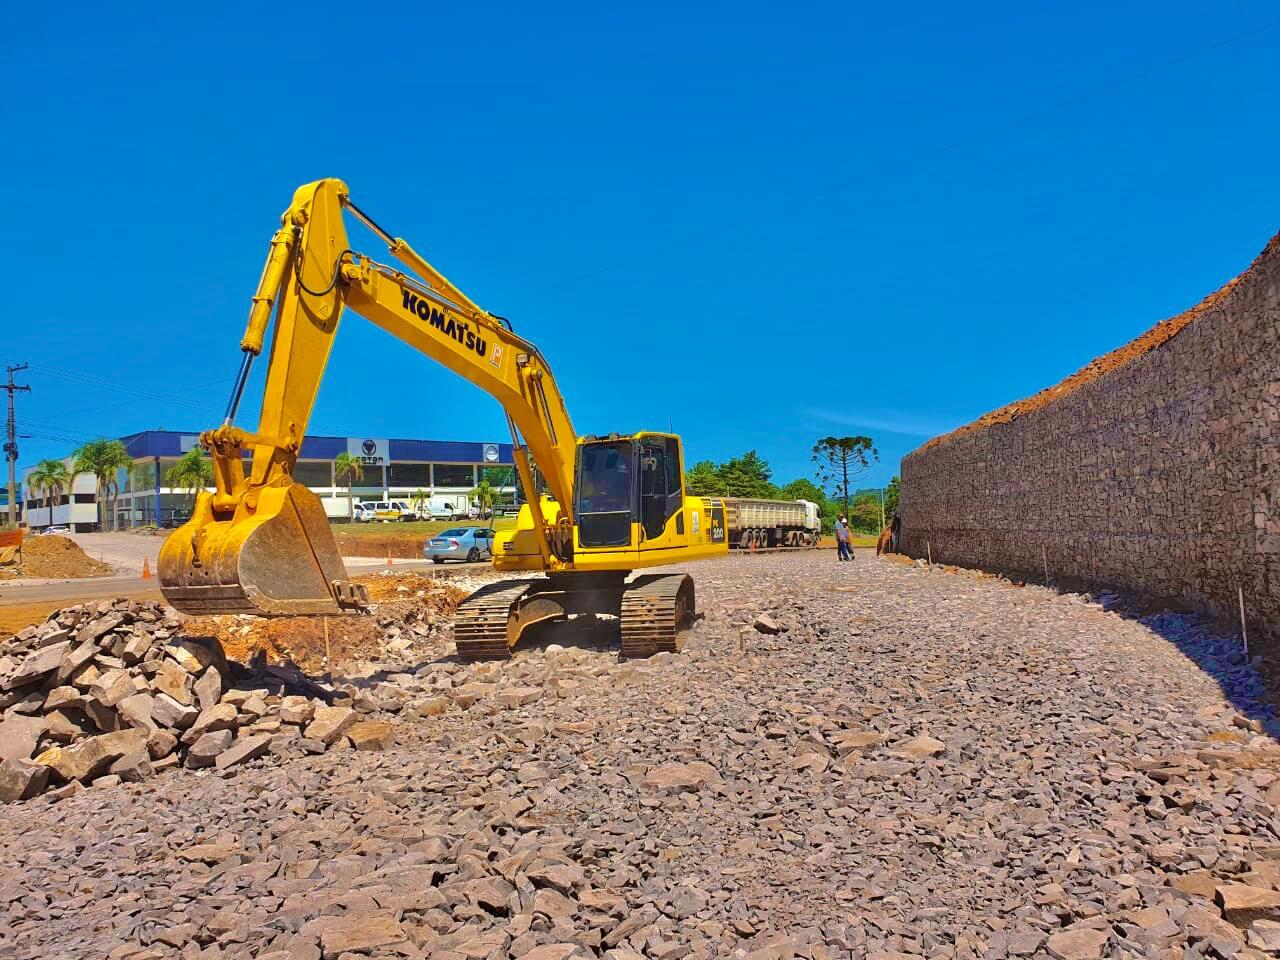 Com a VF Gomes, é mais infraestrutura! Infraestrutura de qualidade!